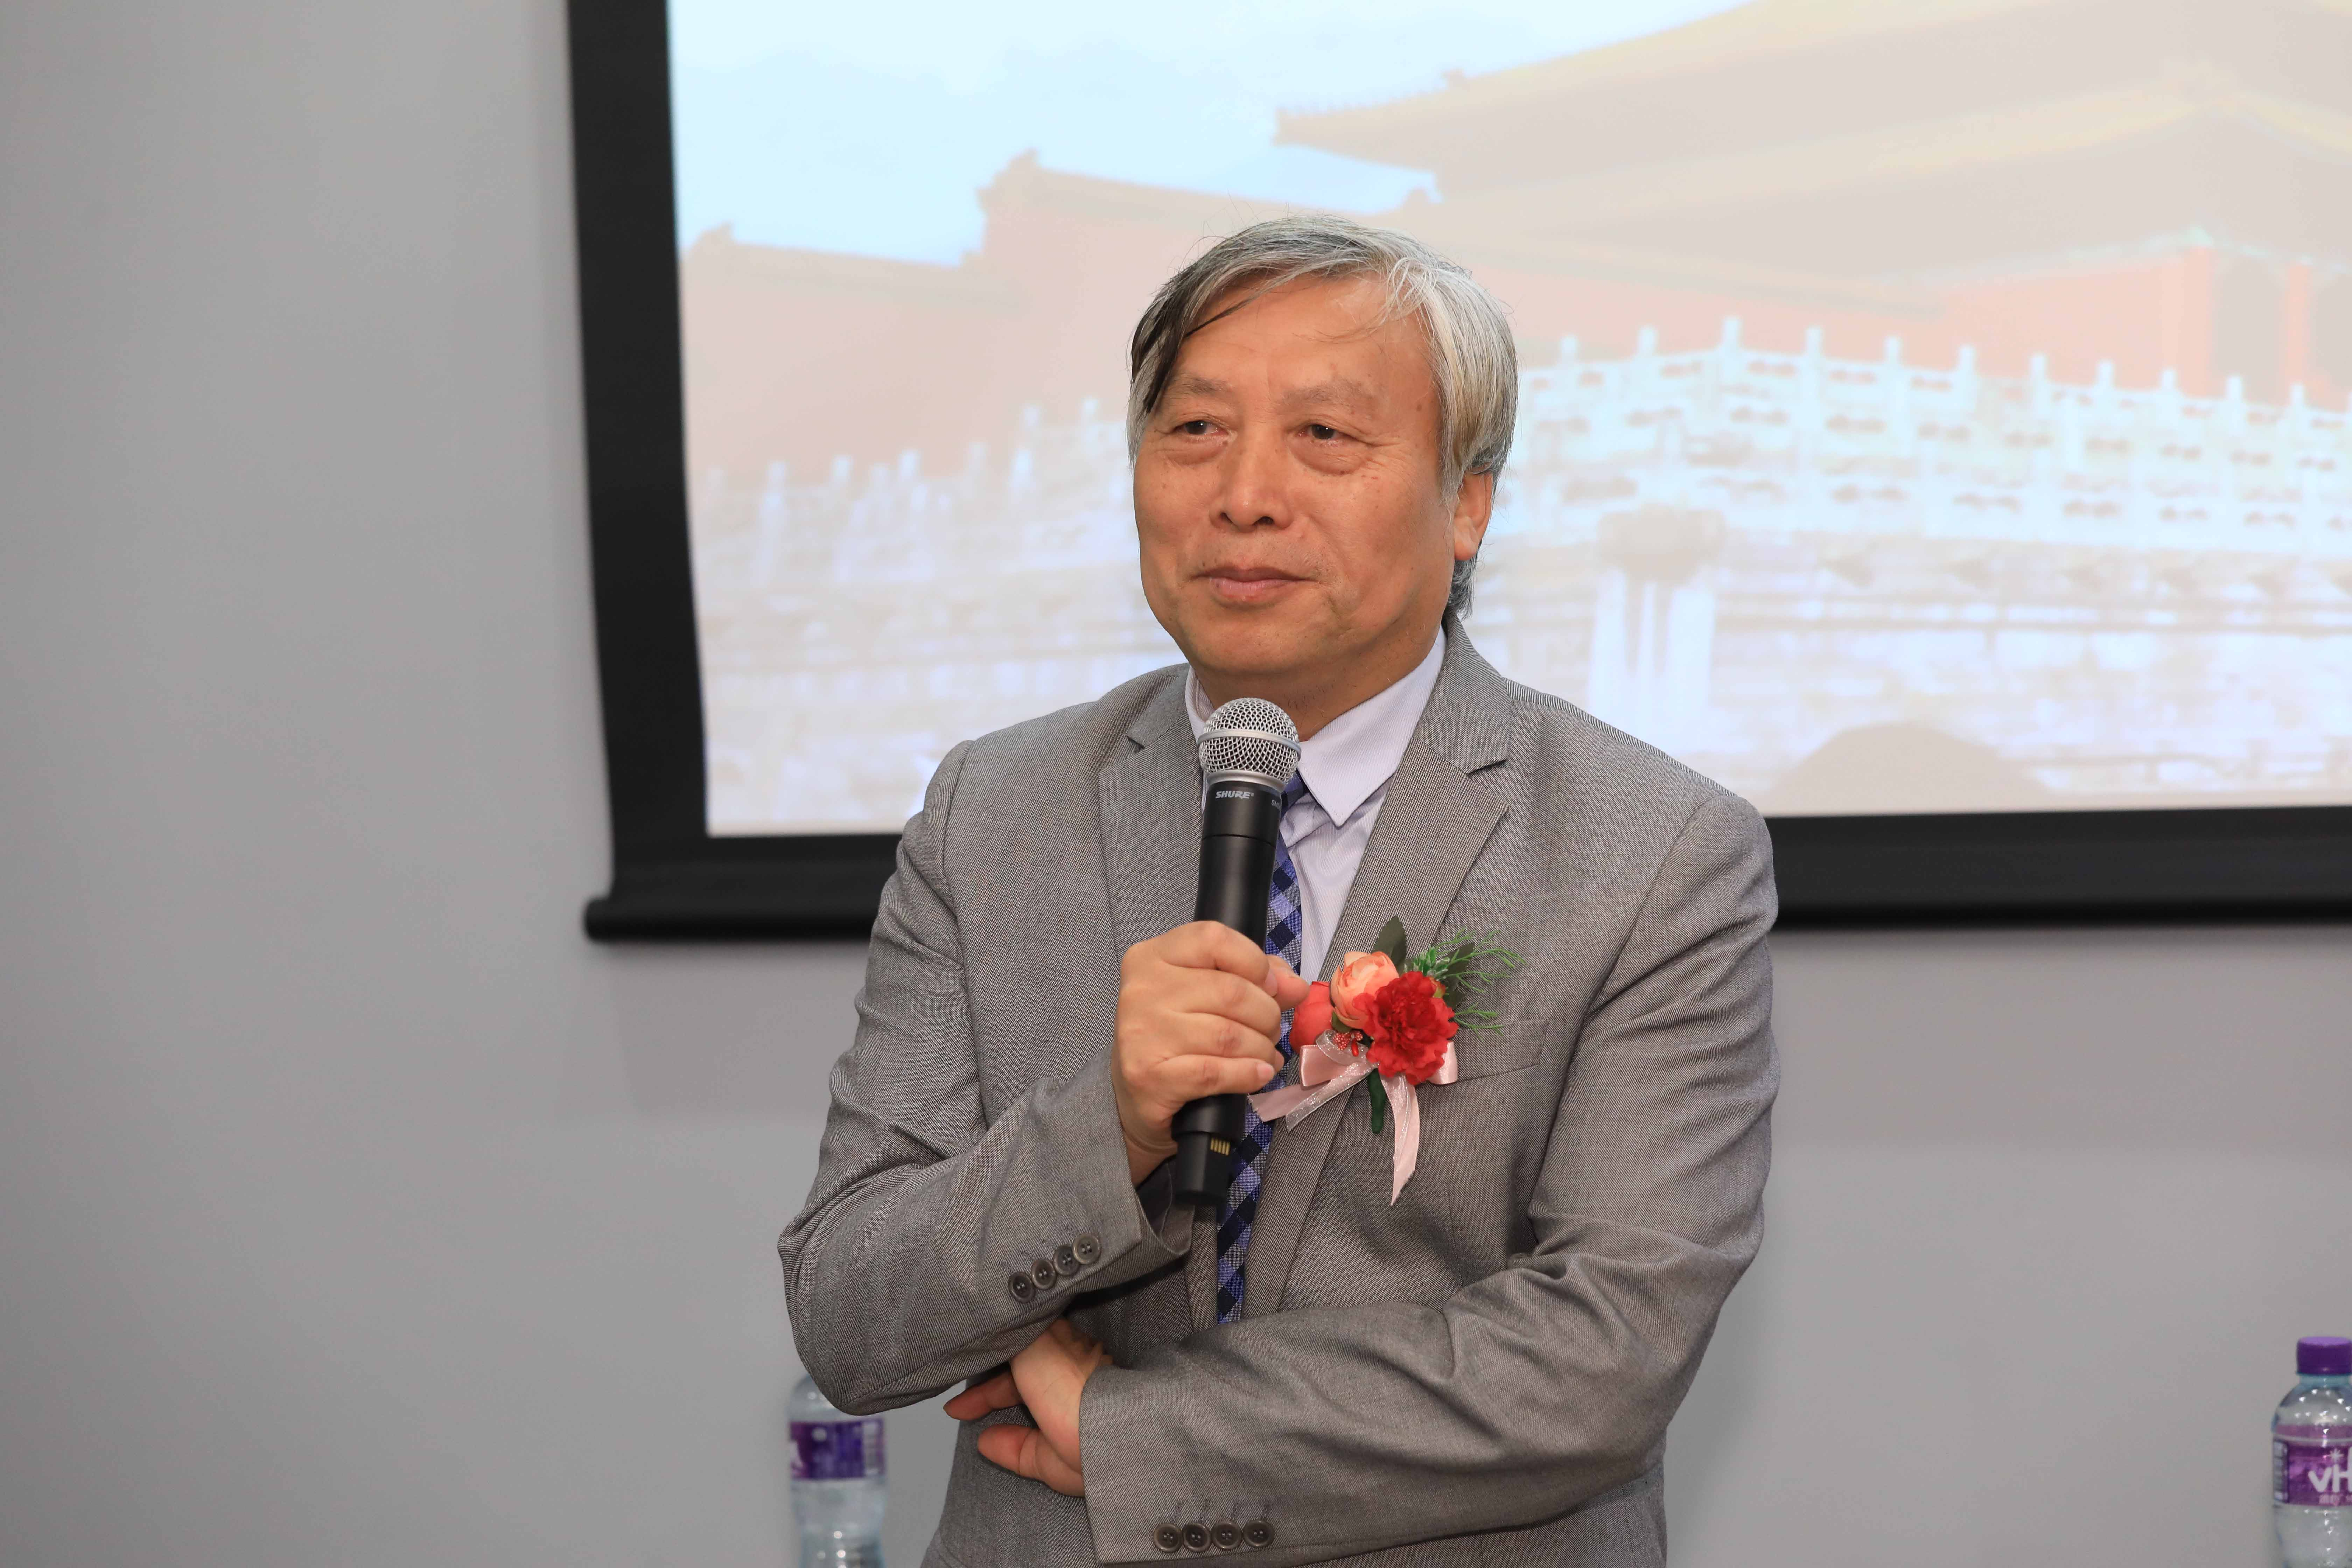 主講嘉賓:朱壽桐教授